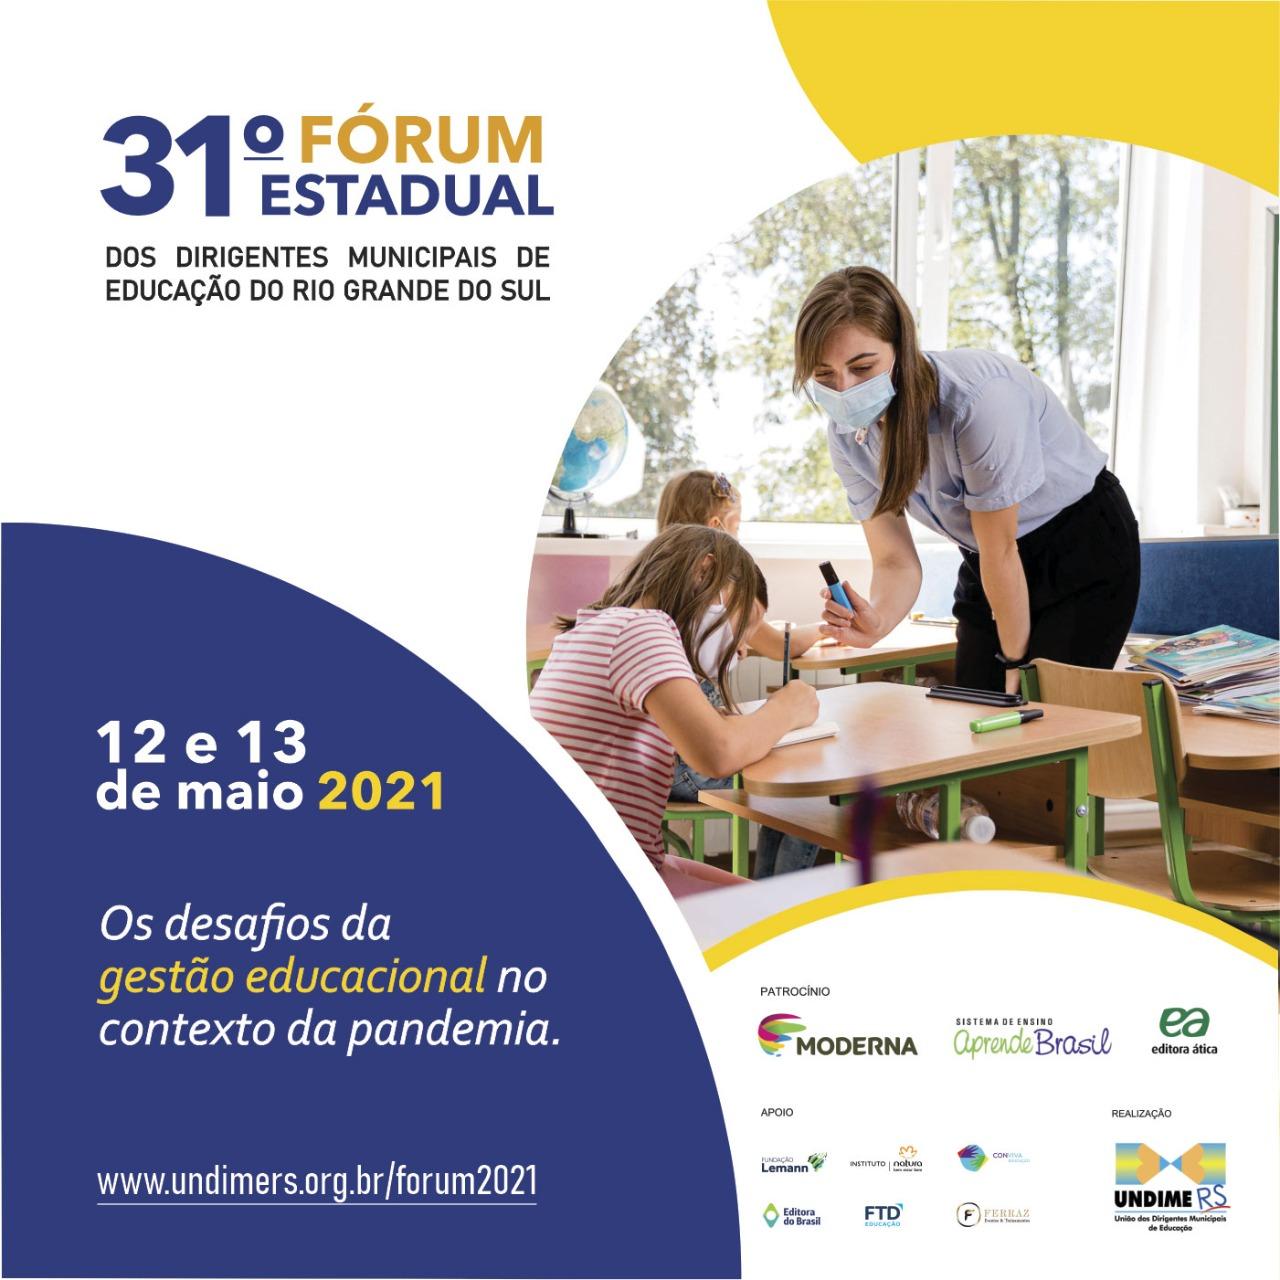 Estão abertas as inscrições para o 31º Fórum Estadual dos Dirigentes Municipais de Educação do Rio Grande do Sul